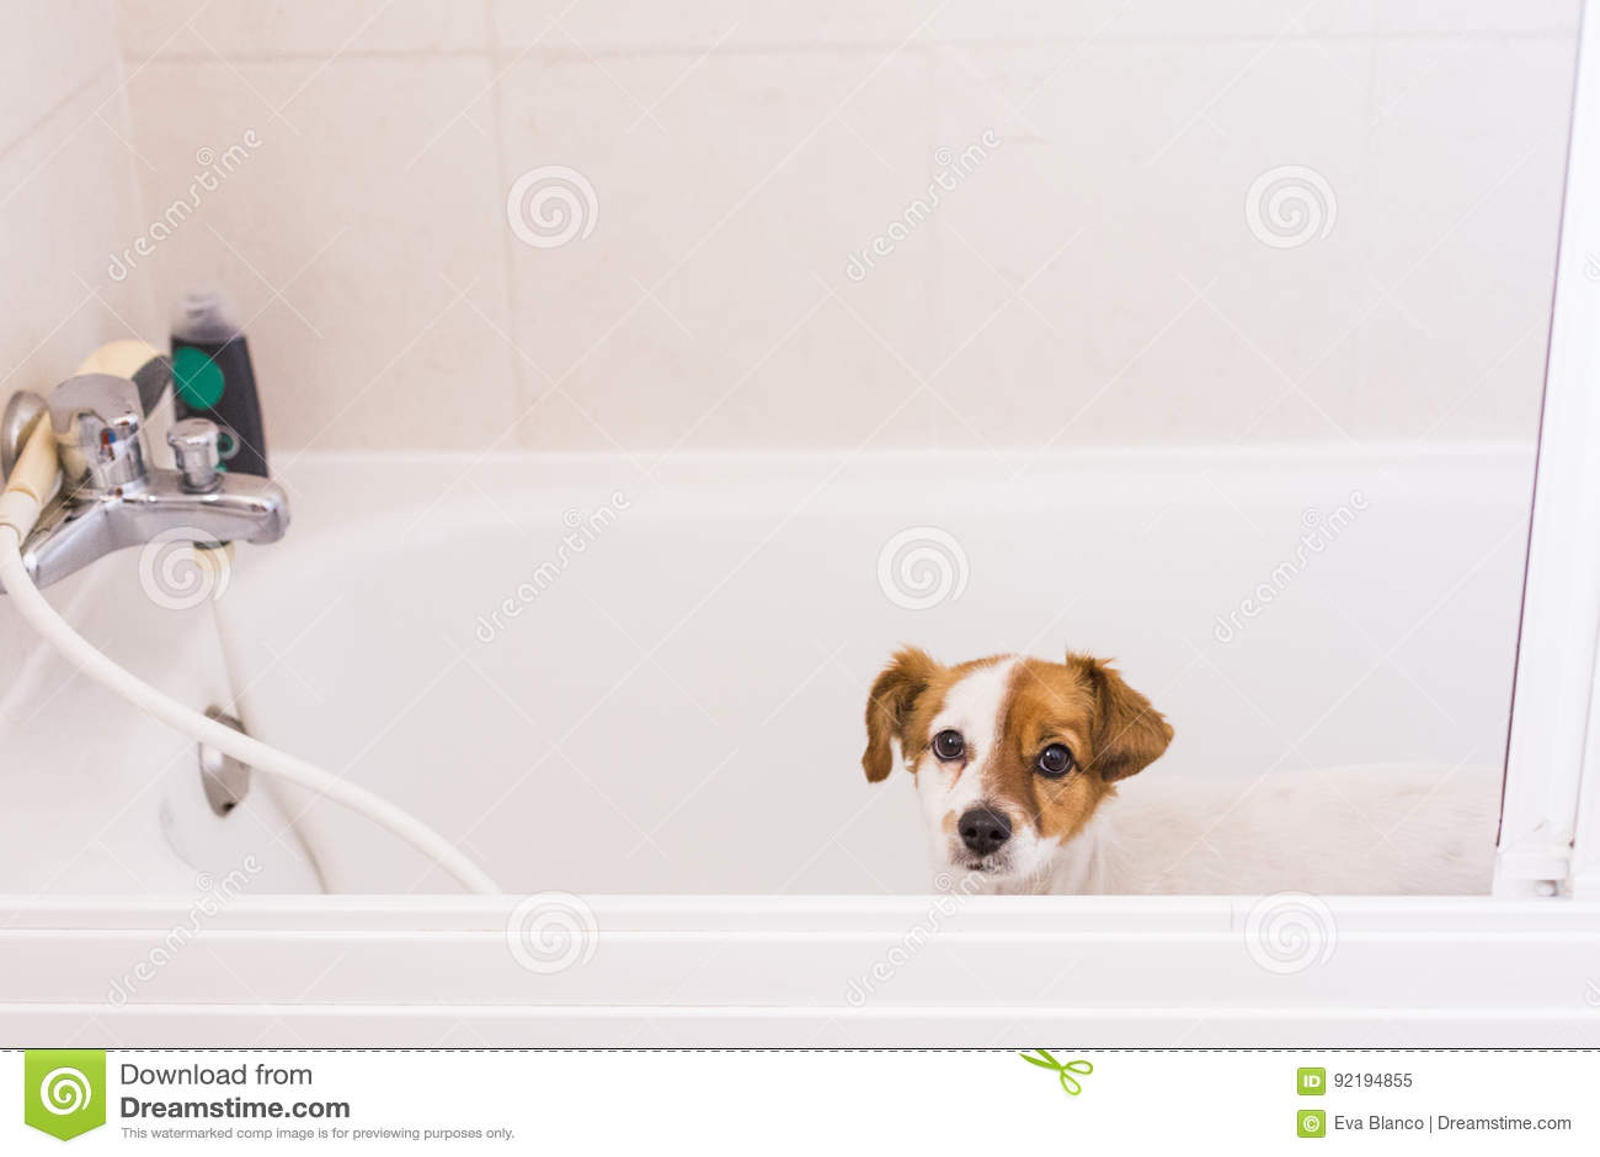 Netter Reizender Kleiner Hund Bereit Ein Bad In Der Badewanne Zu